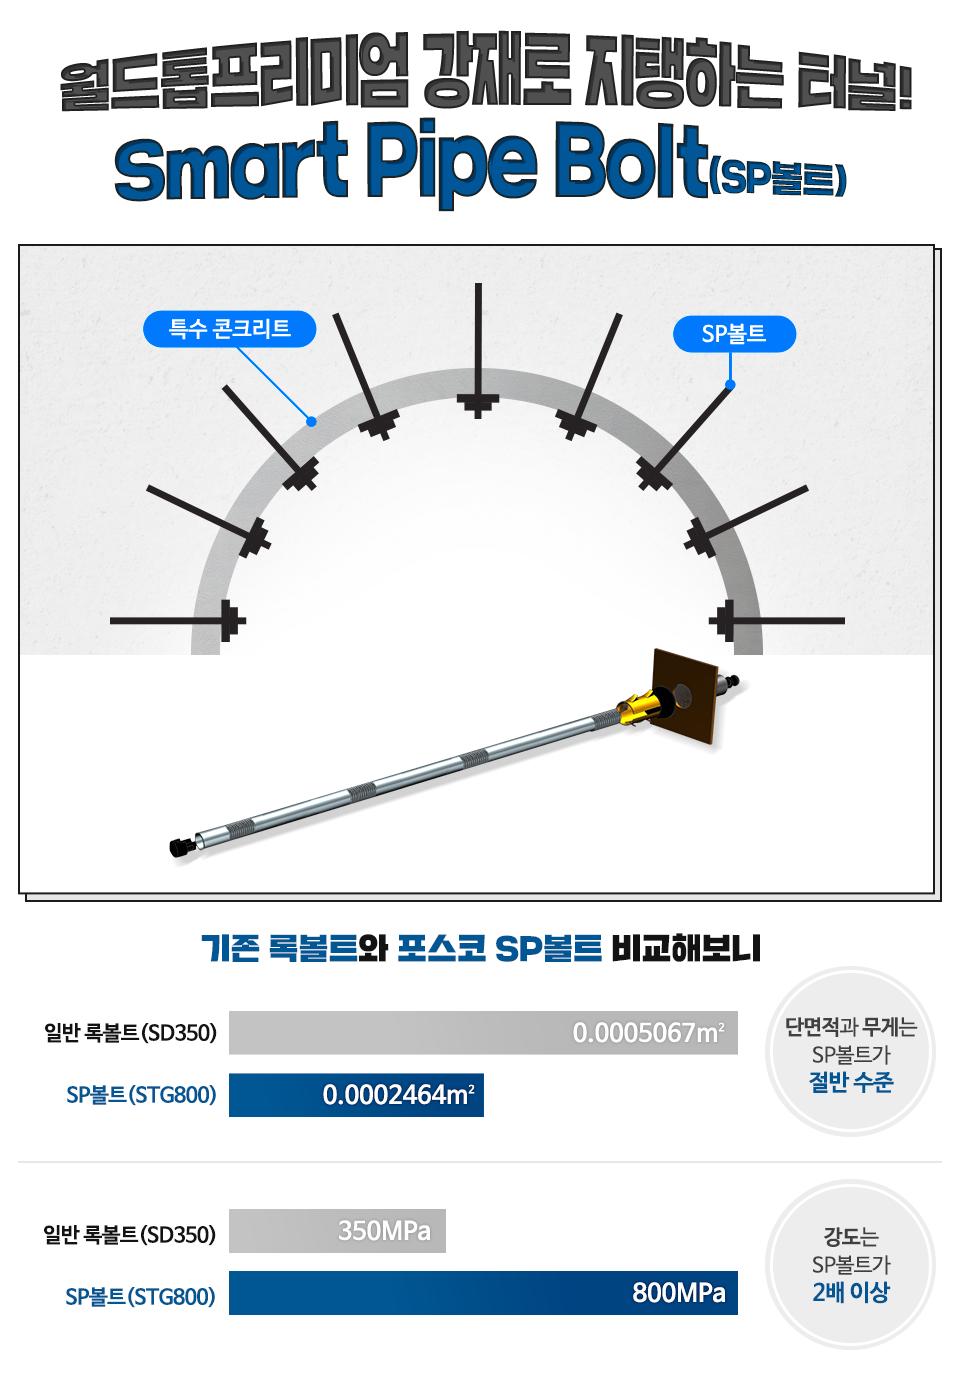 월드톱프리미엄 강재로 지탱하는 터널! Smart Pipe Bolt(SP볼트) 특수 콘크리트, SP볼트로 터널의 벽면을 구성한다. SP볼트의 이미지 하단의 그래프 기존 록볼트와 포스코 SP볼트 비교해보니 일반 록볼트(SD350) 0.0005067㎡ SP볼트(STG800) 0.0002464㎡ 단면적과 무게는 SP볼트가 절반 수준 ,일반 록볼트(SD350) 350 MPa SP볼트(STG800) 800MPa 강도는SP볼트가 2배 이상